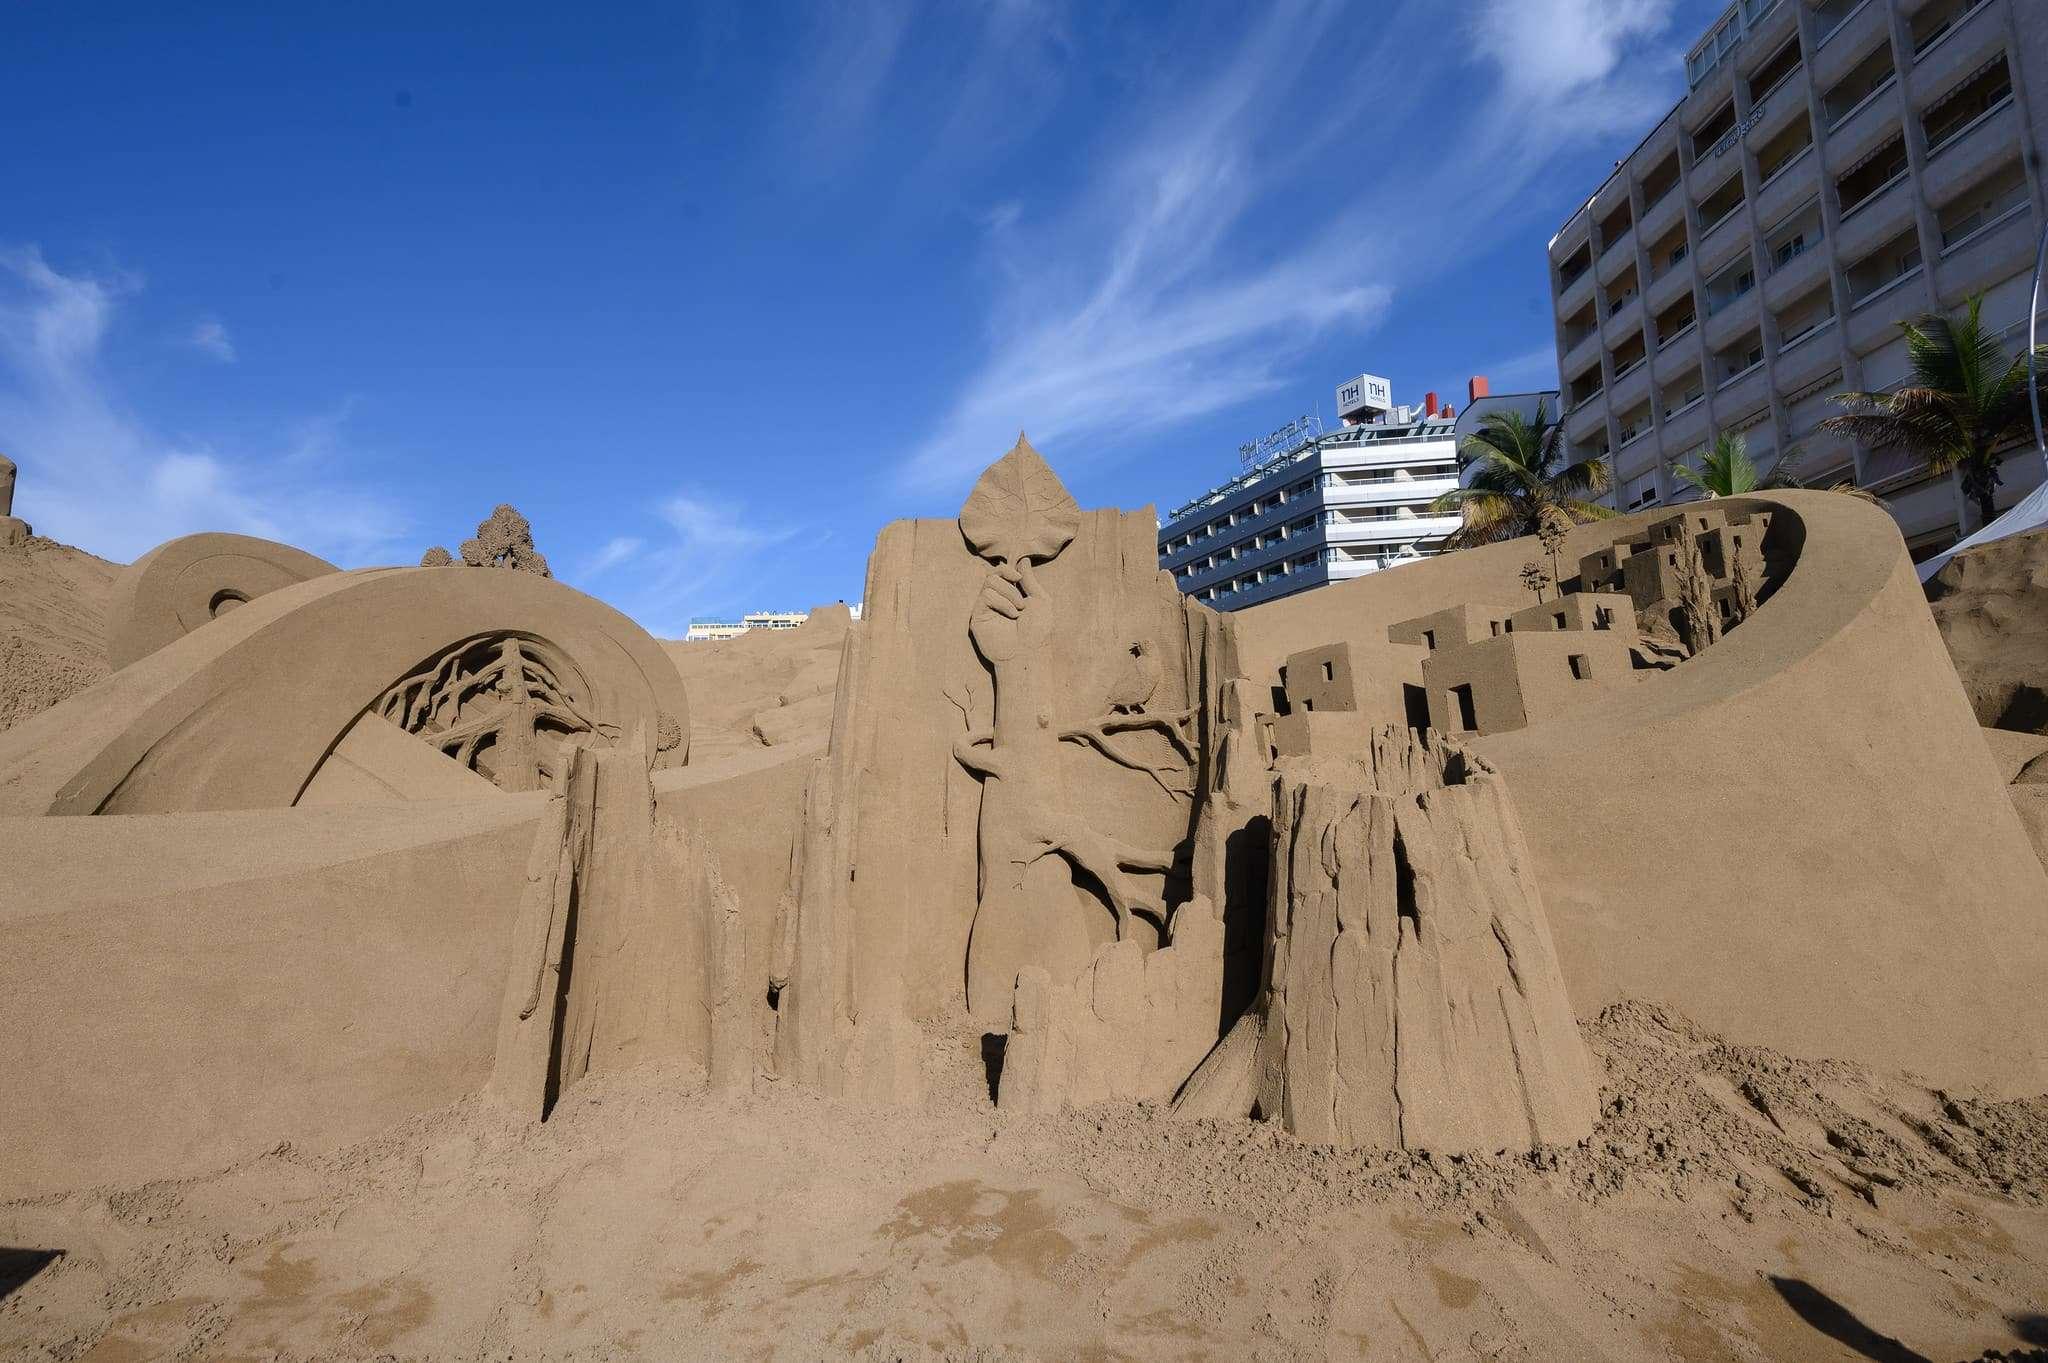 Un original Belén de arena para la navidad en Gran Canaria 69